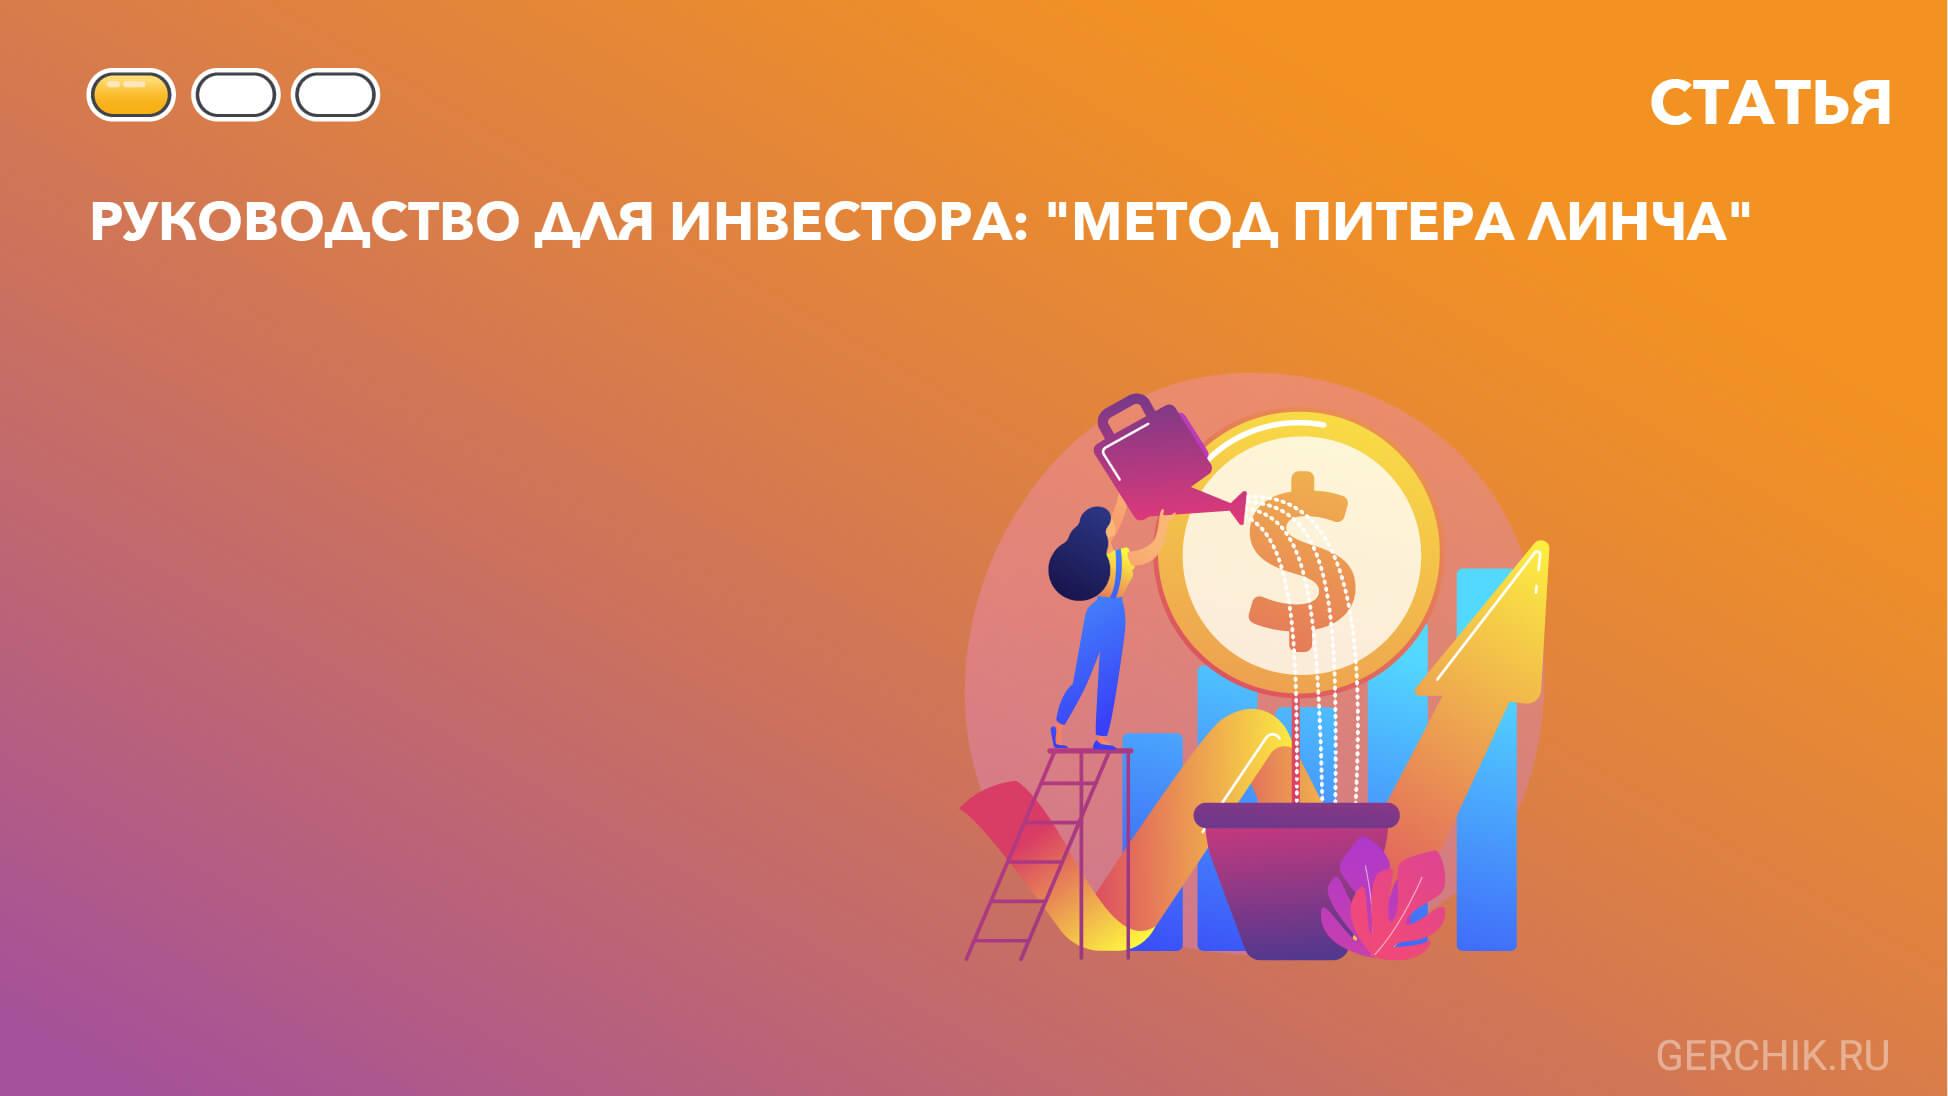 rukovodstvo-dlya-investora-metod-pitera-lincha